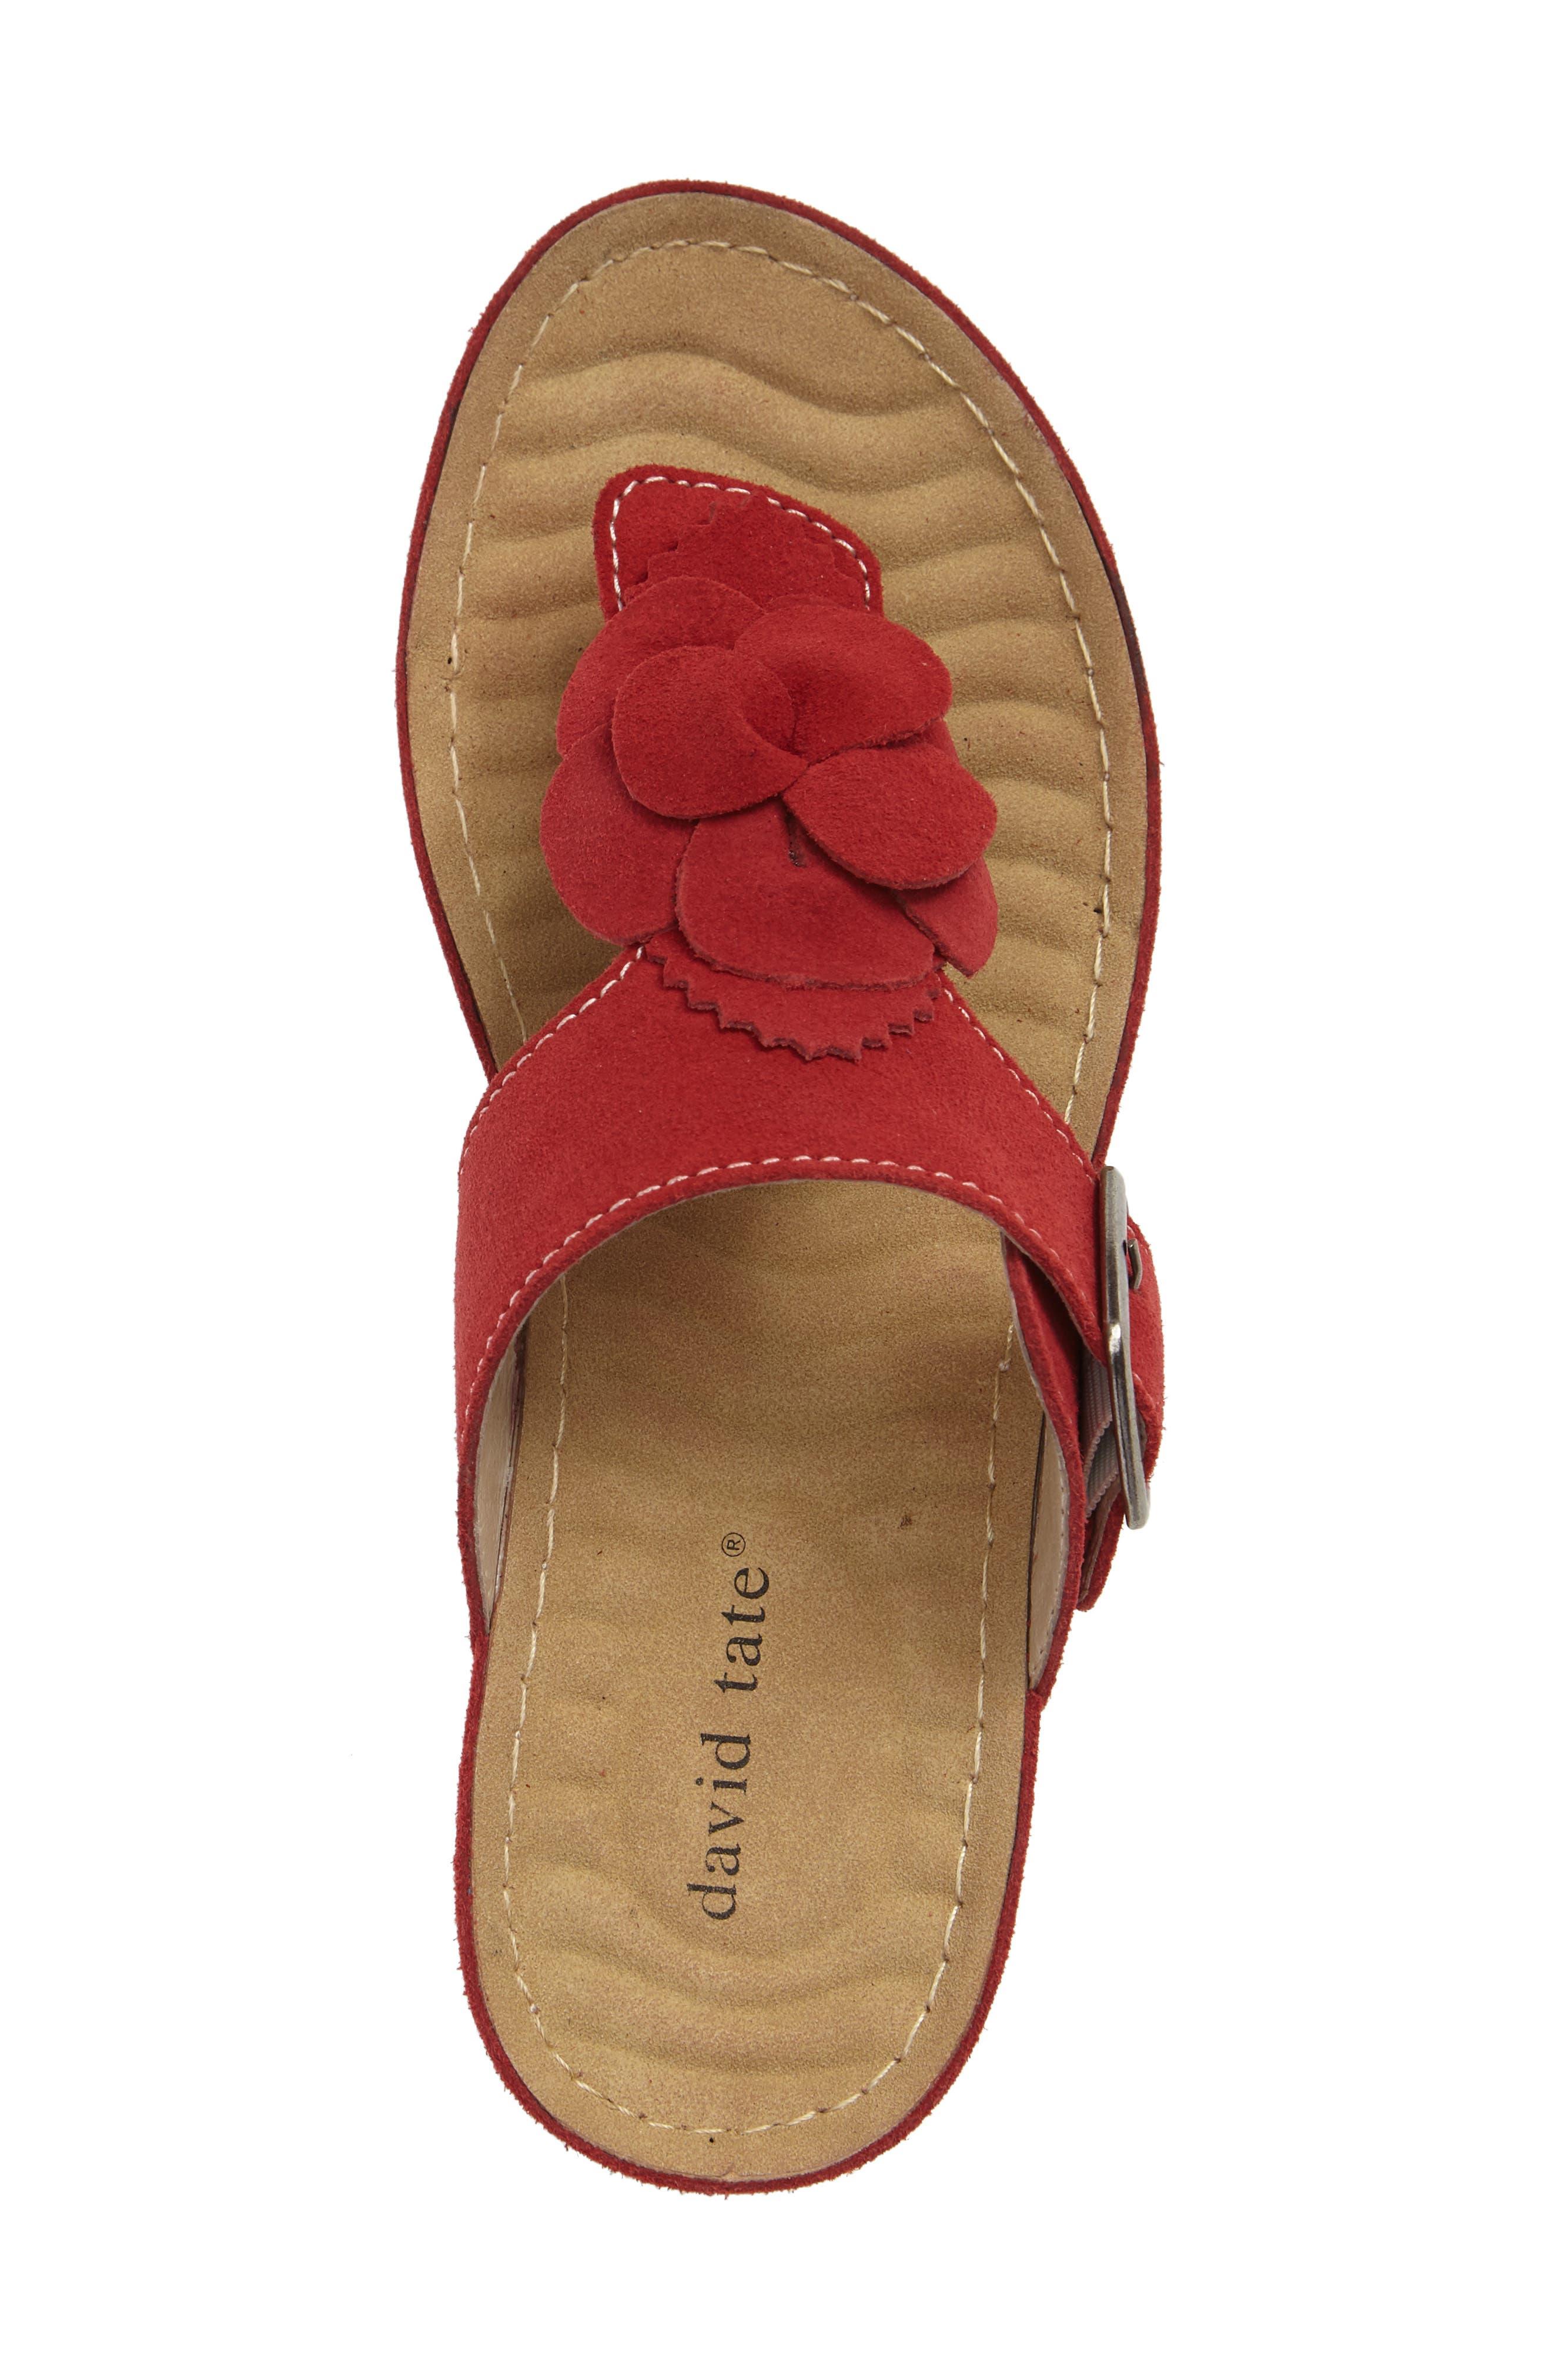 Spring Platform Wedge Sandal,                             Alternate thumbnail 3, color,                             Red Suede